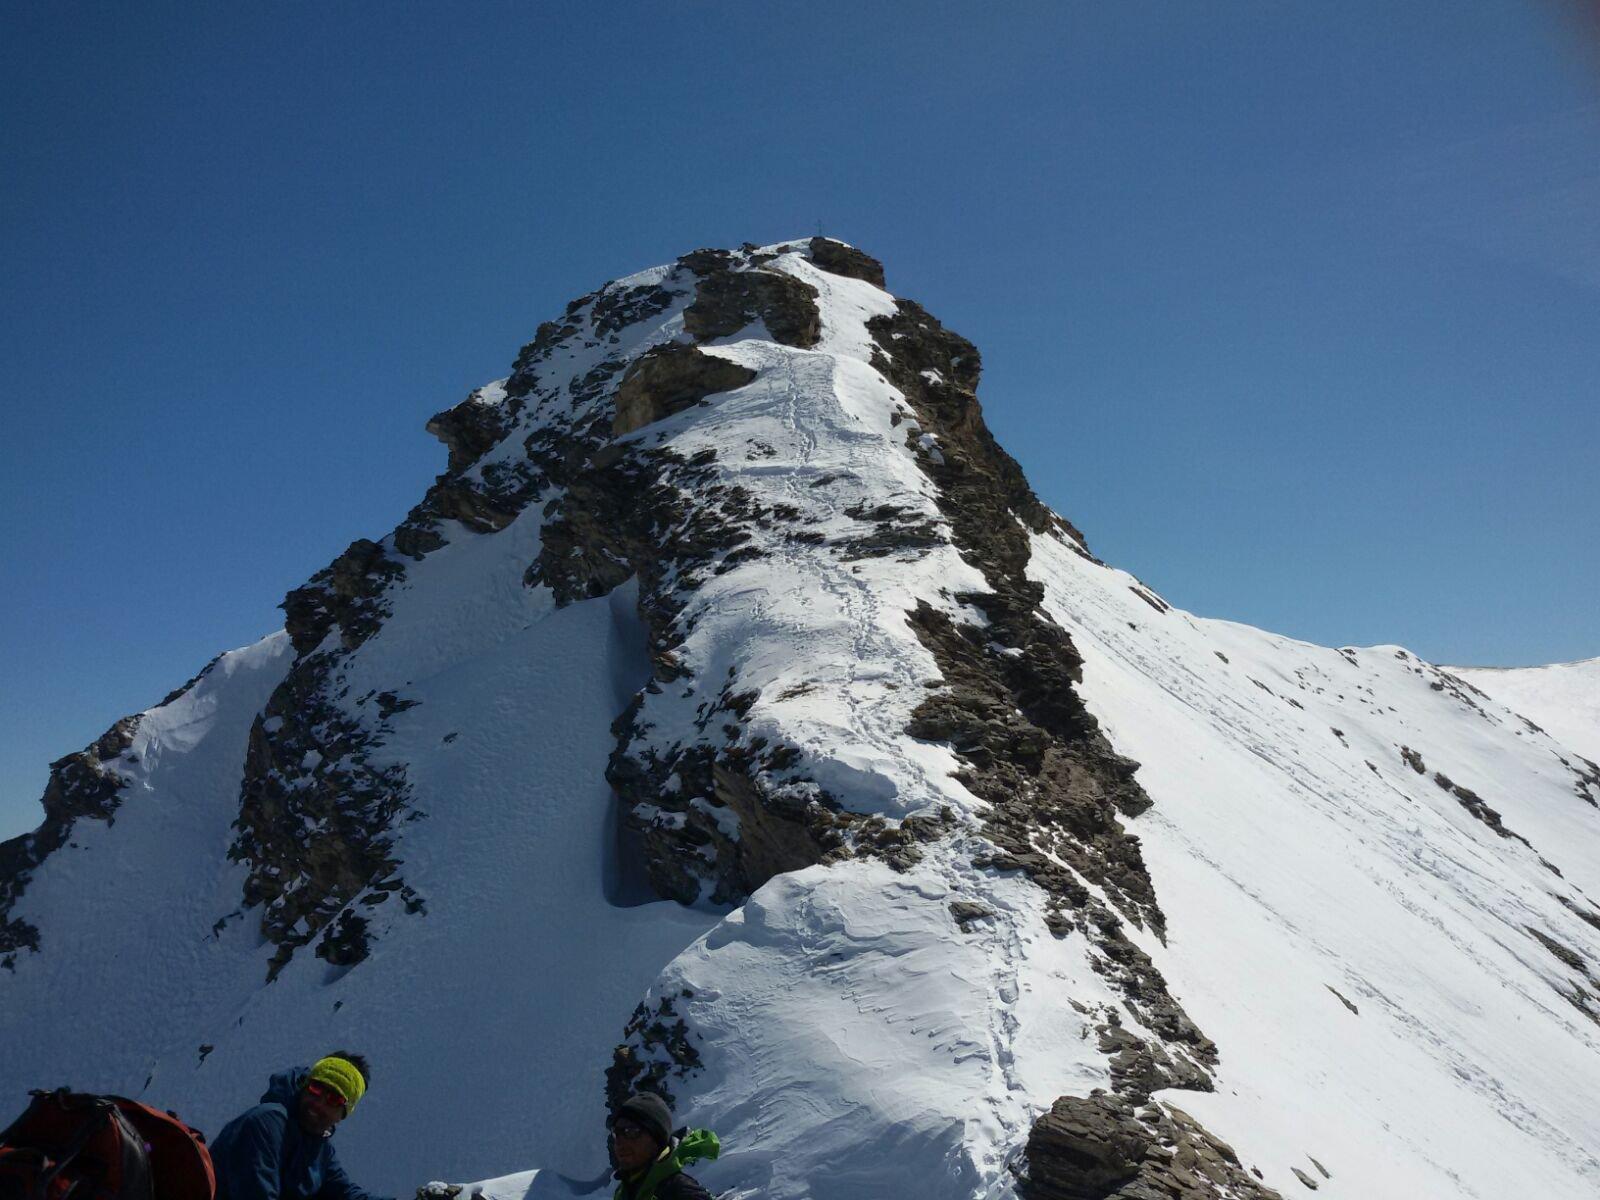 la punta vera, la breve parte alpinistica